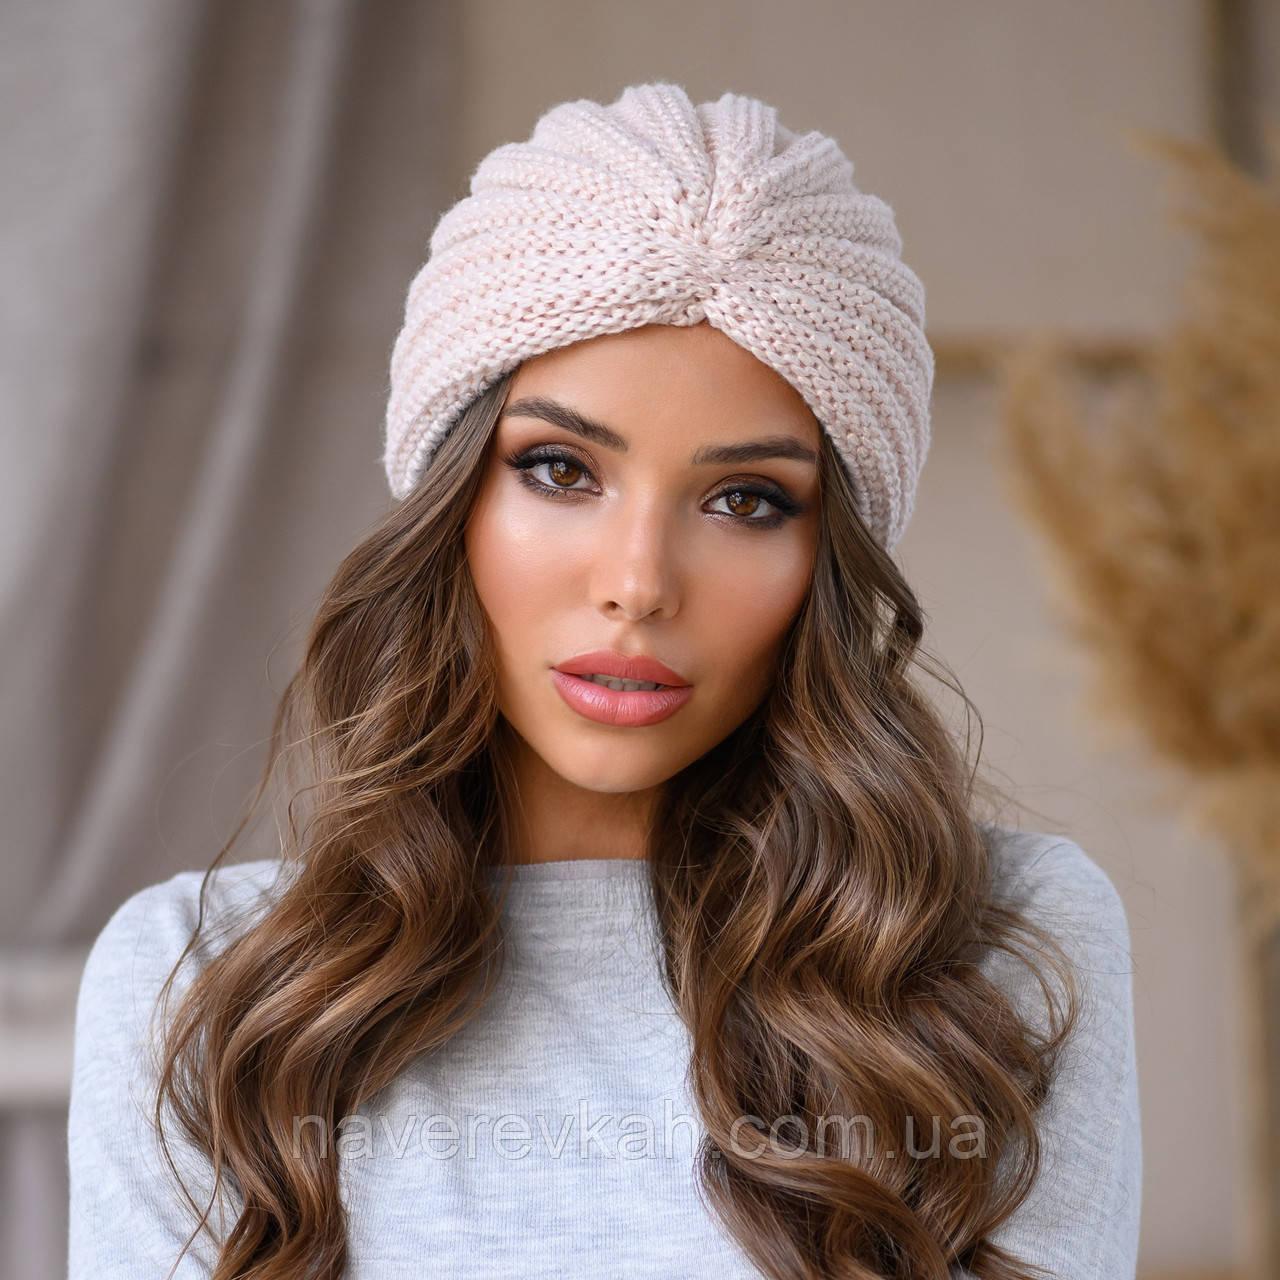 Женская зимняя теплая чалма вязанная акрил шерсть